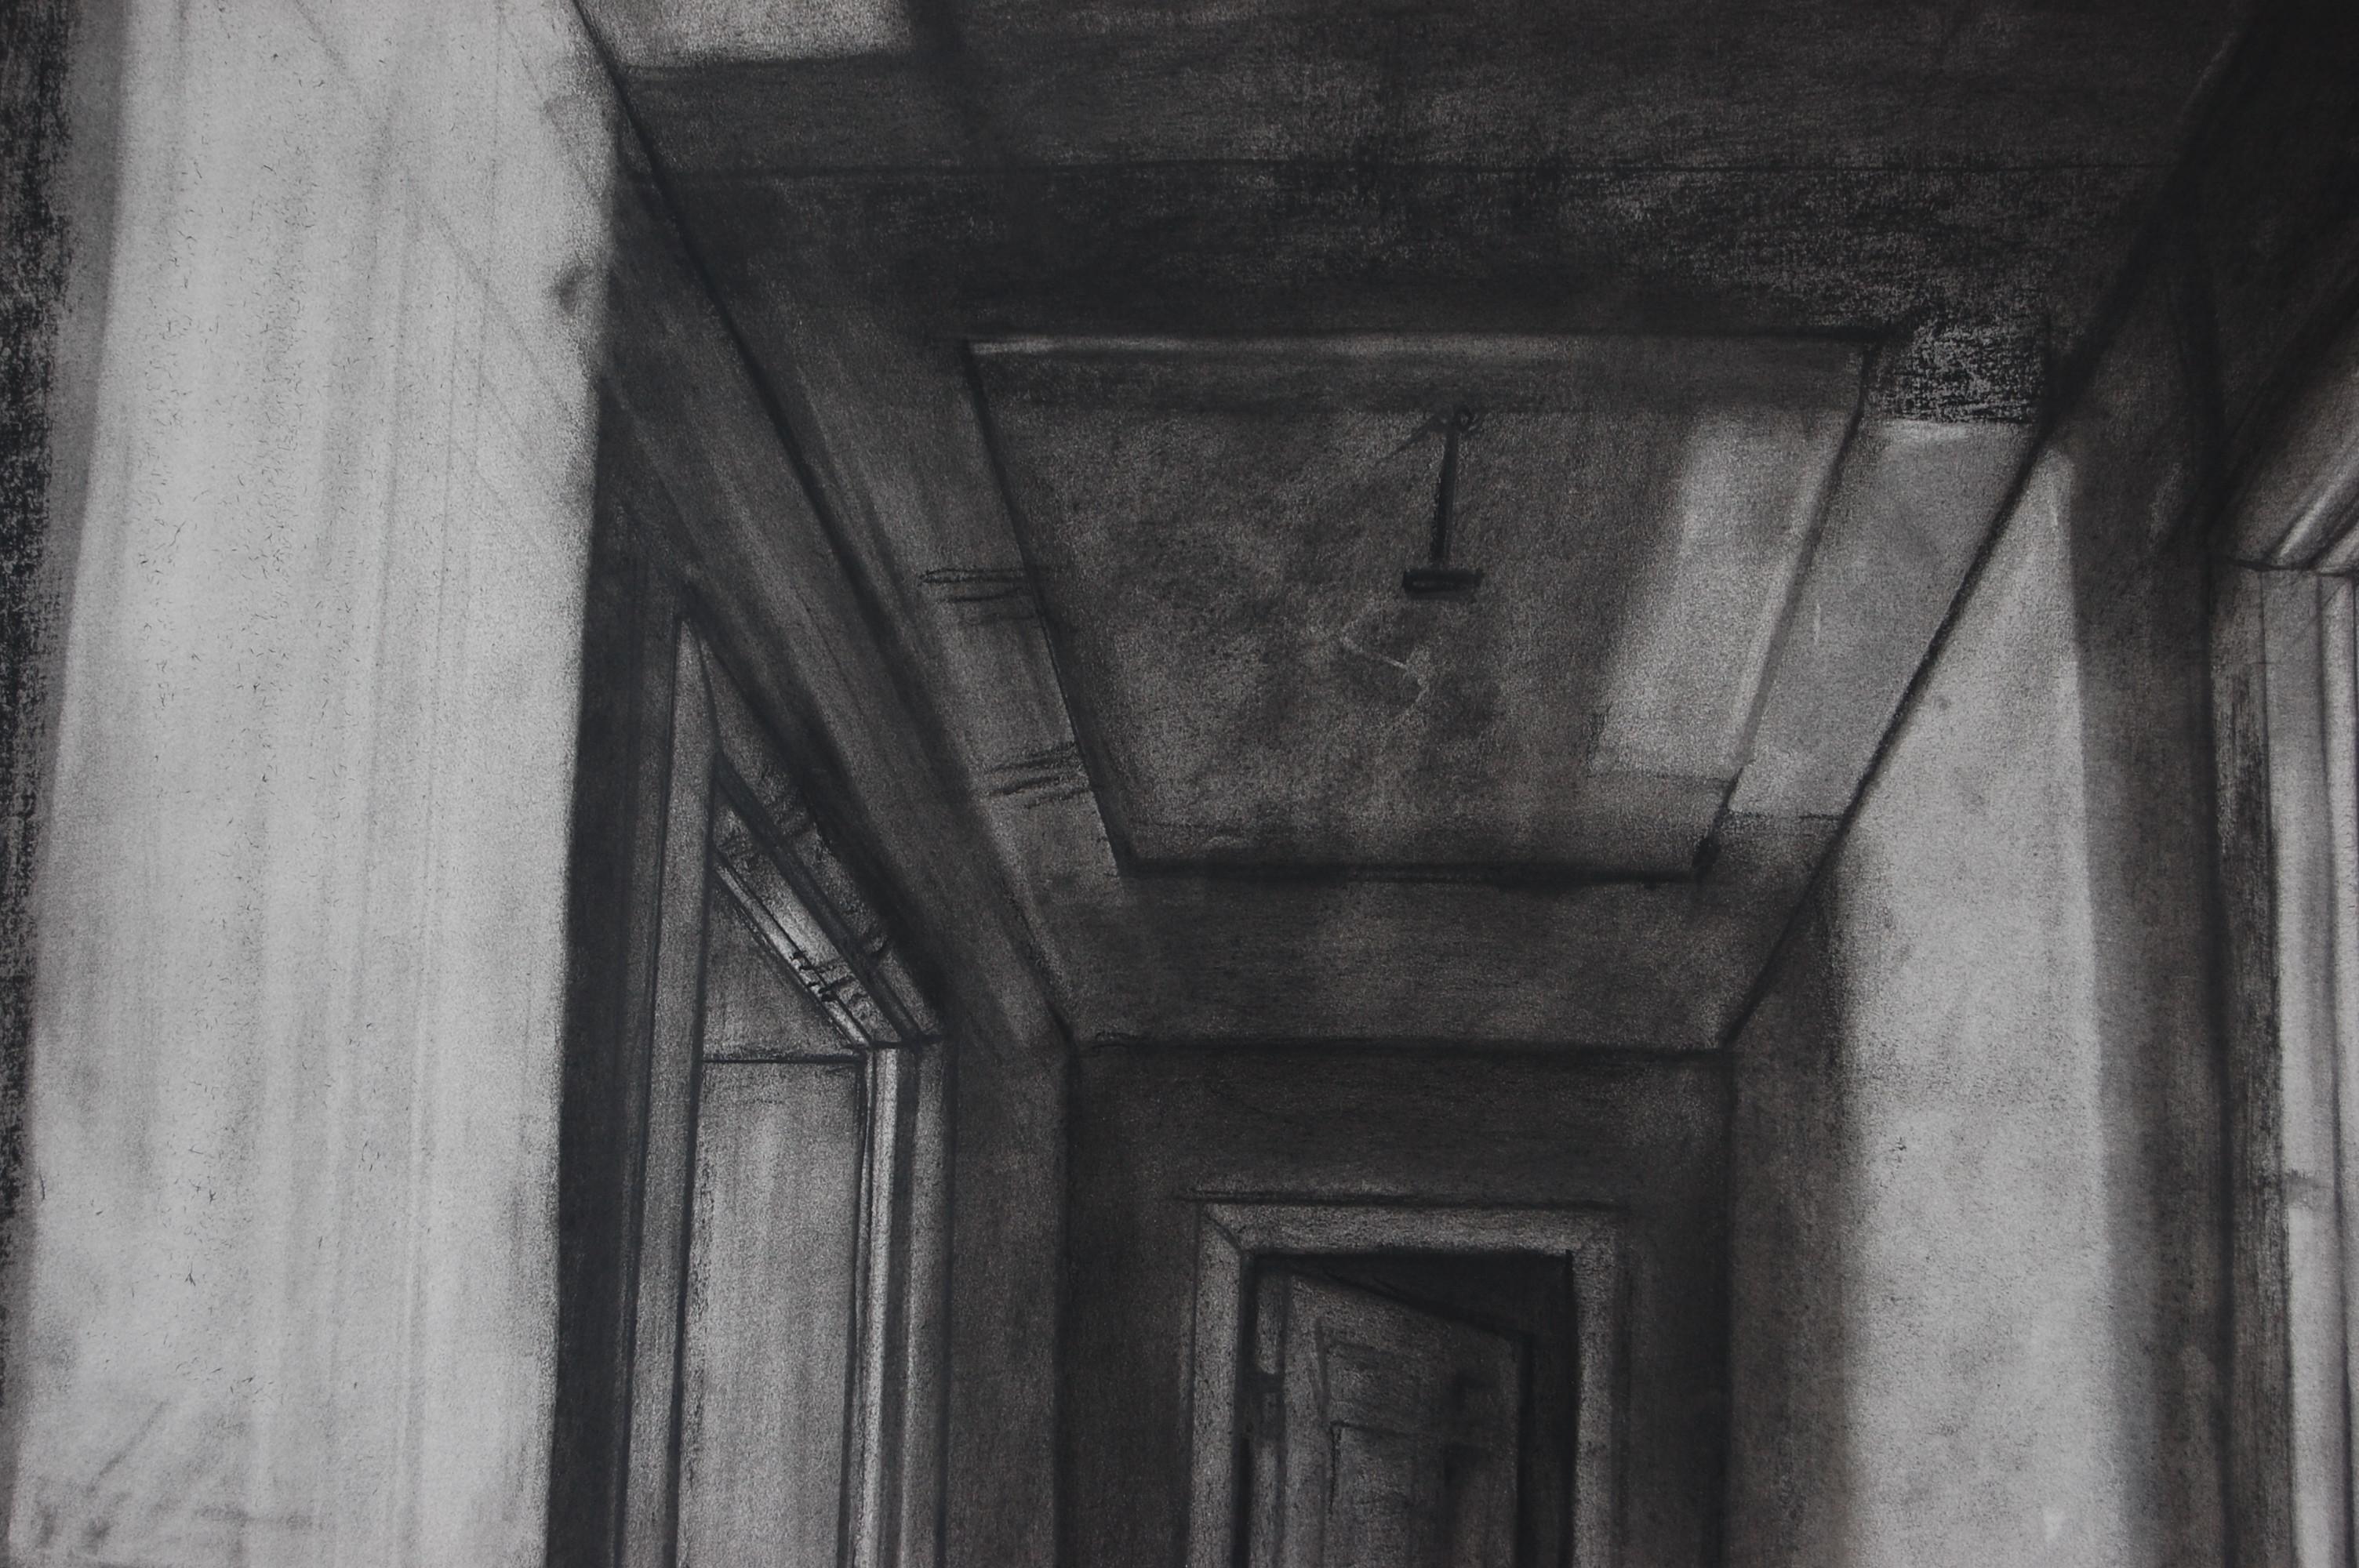 ceiling dragmark